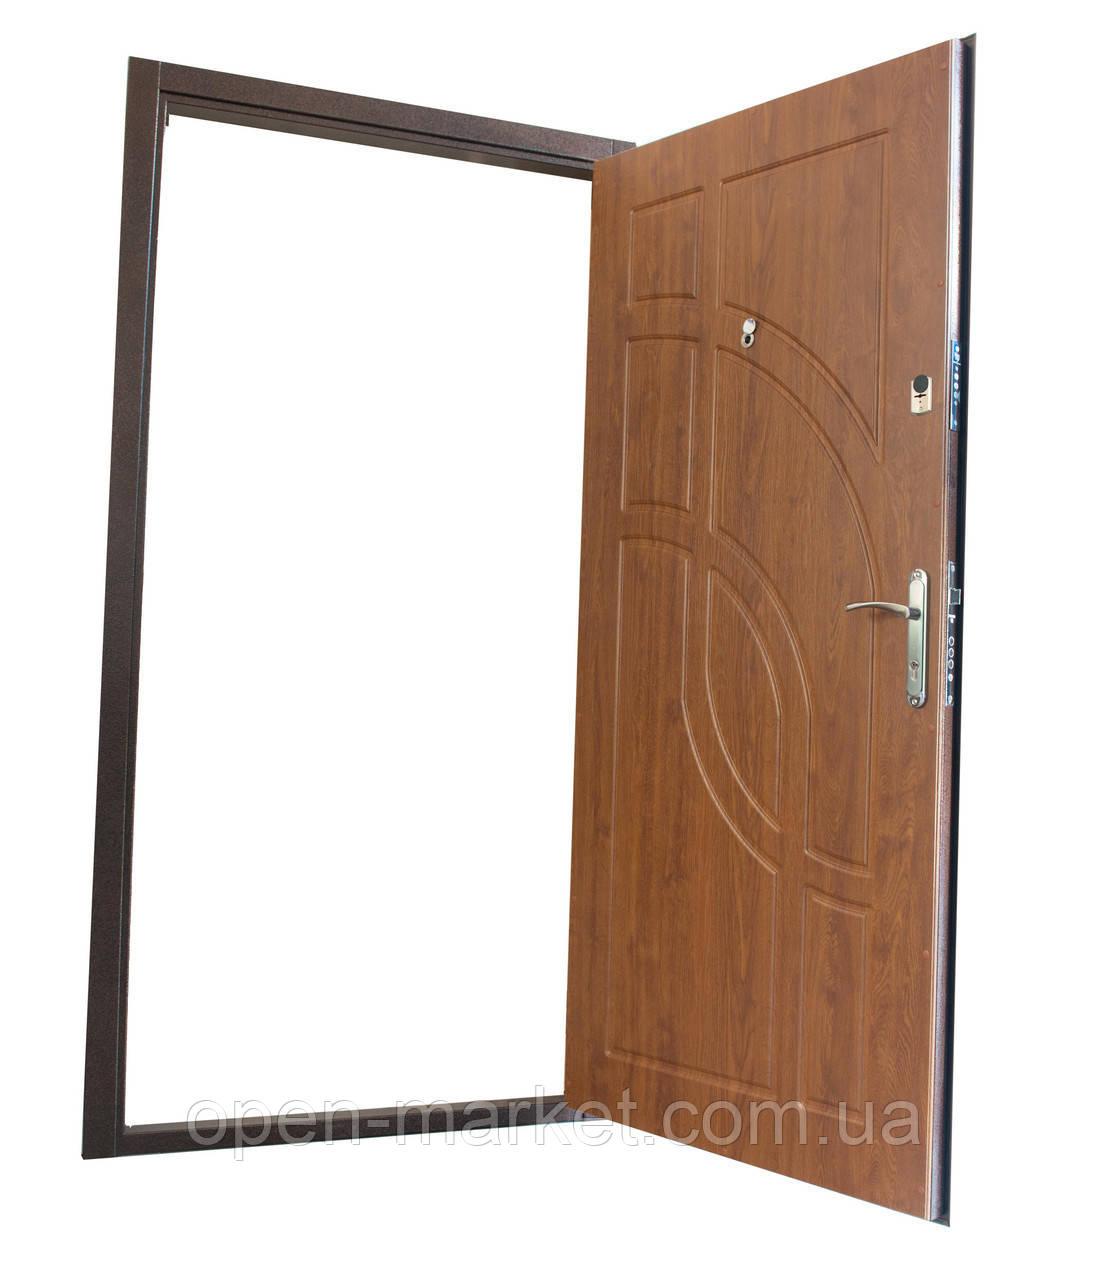 Двери уличные Зеленый Яр Николаевская область